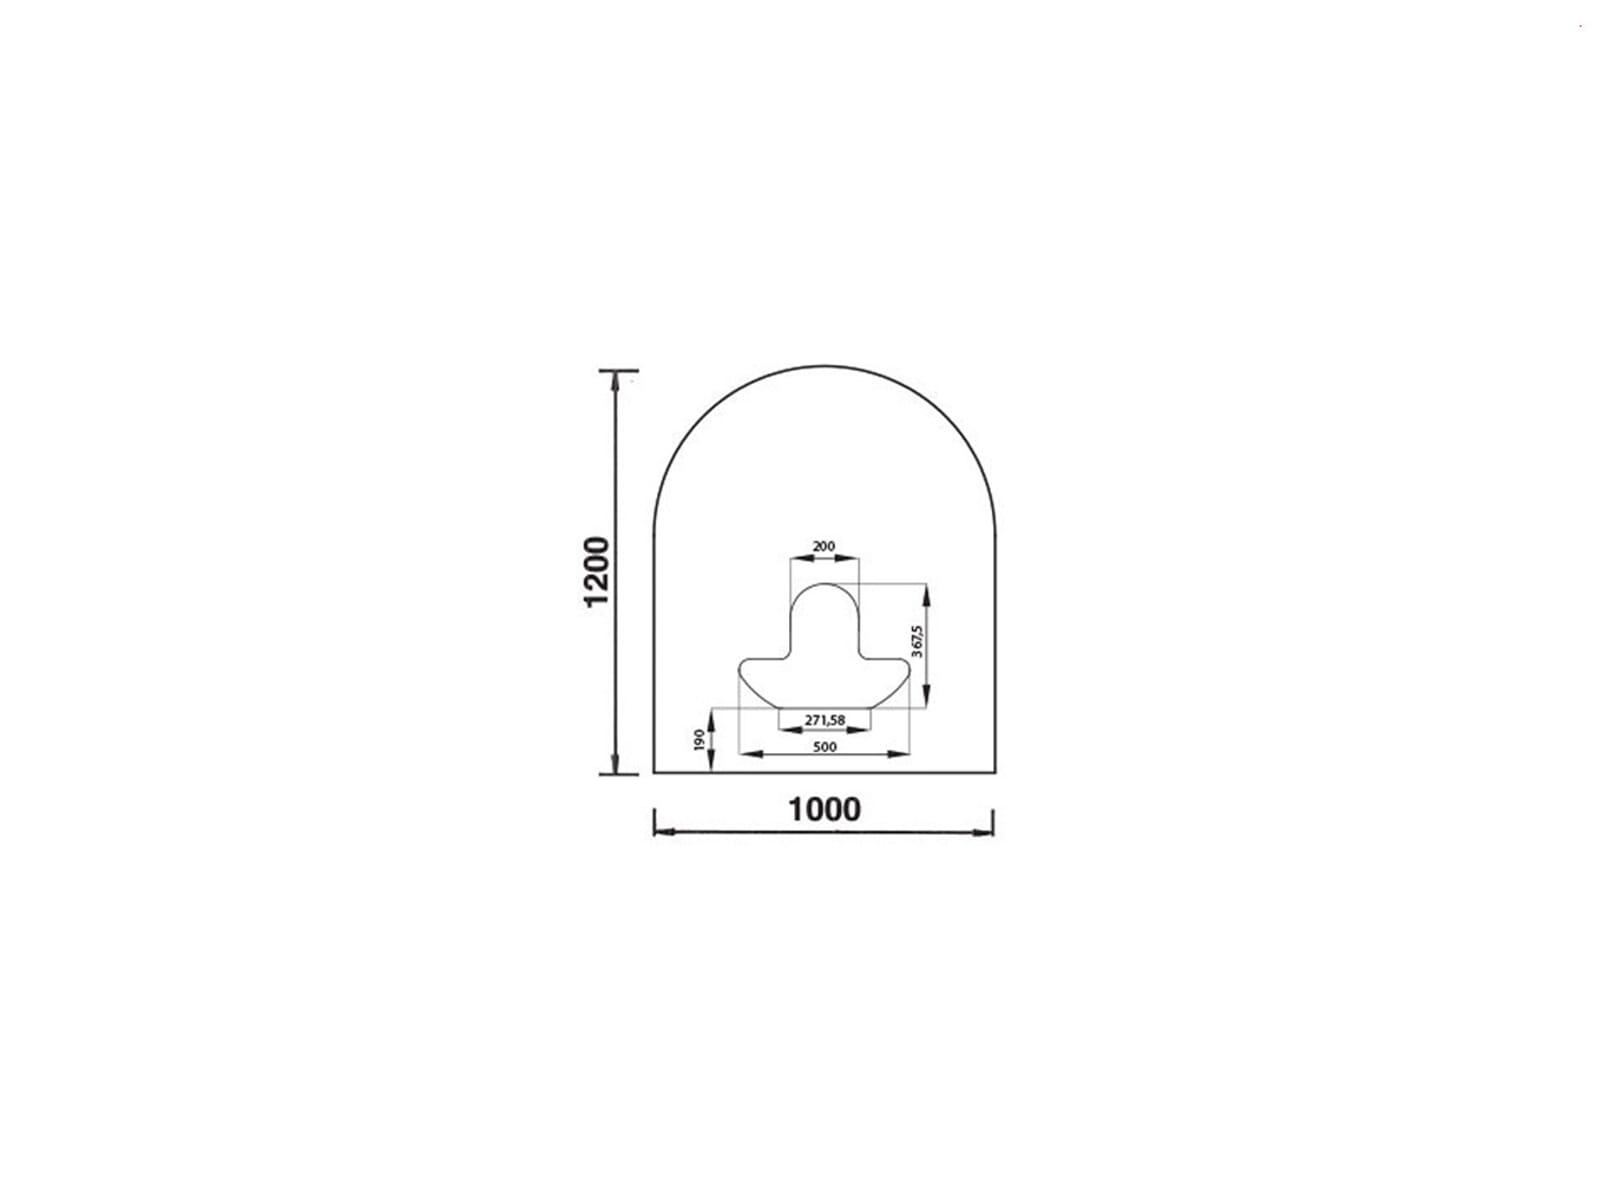 Justus Unterlegplatte Glas B3 9214 05 Rundbogen